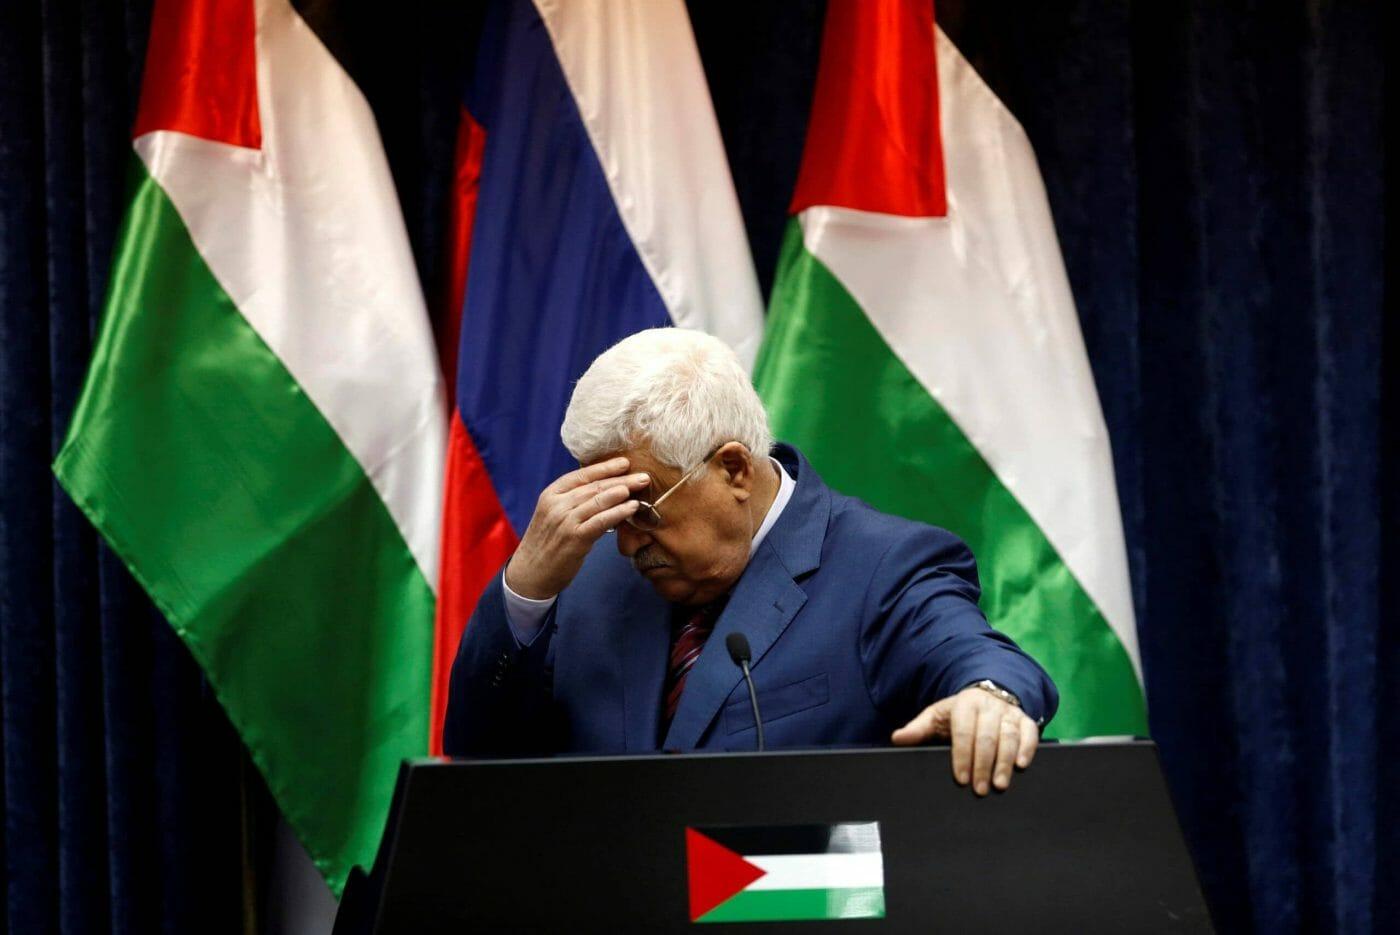 دحلان على قائمة الاحتياط في أبوظبي.. تقرير إسرائيلي يكشف كواليس الصراع على خلافة محمود عباس